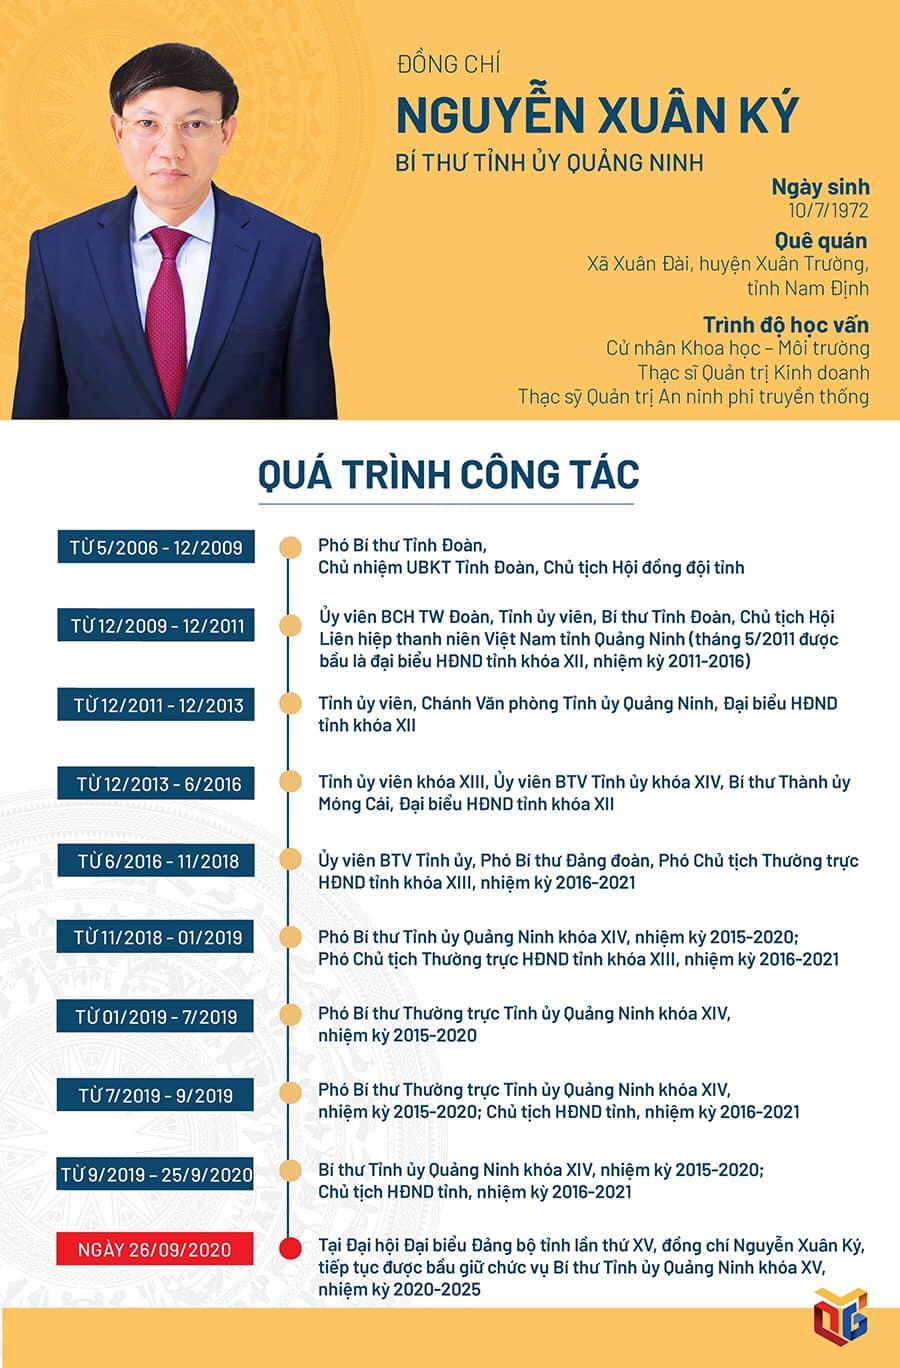 Đồng chí Nguyễn Xuân Ký tiếp tục được bầu làm Bí thư Tỉnh ủy khóa XV, nhiệm kỳ 2020 - 2025